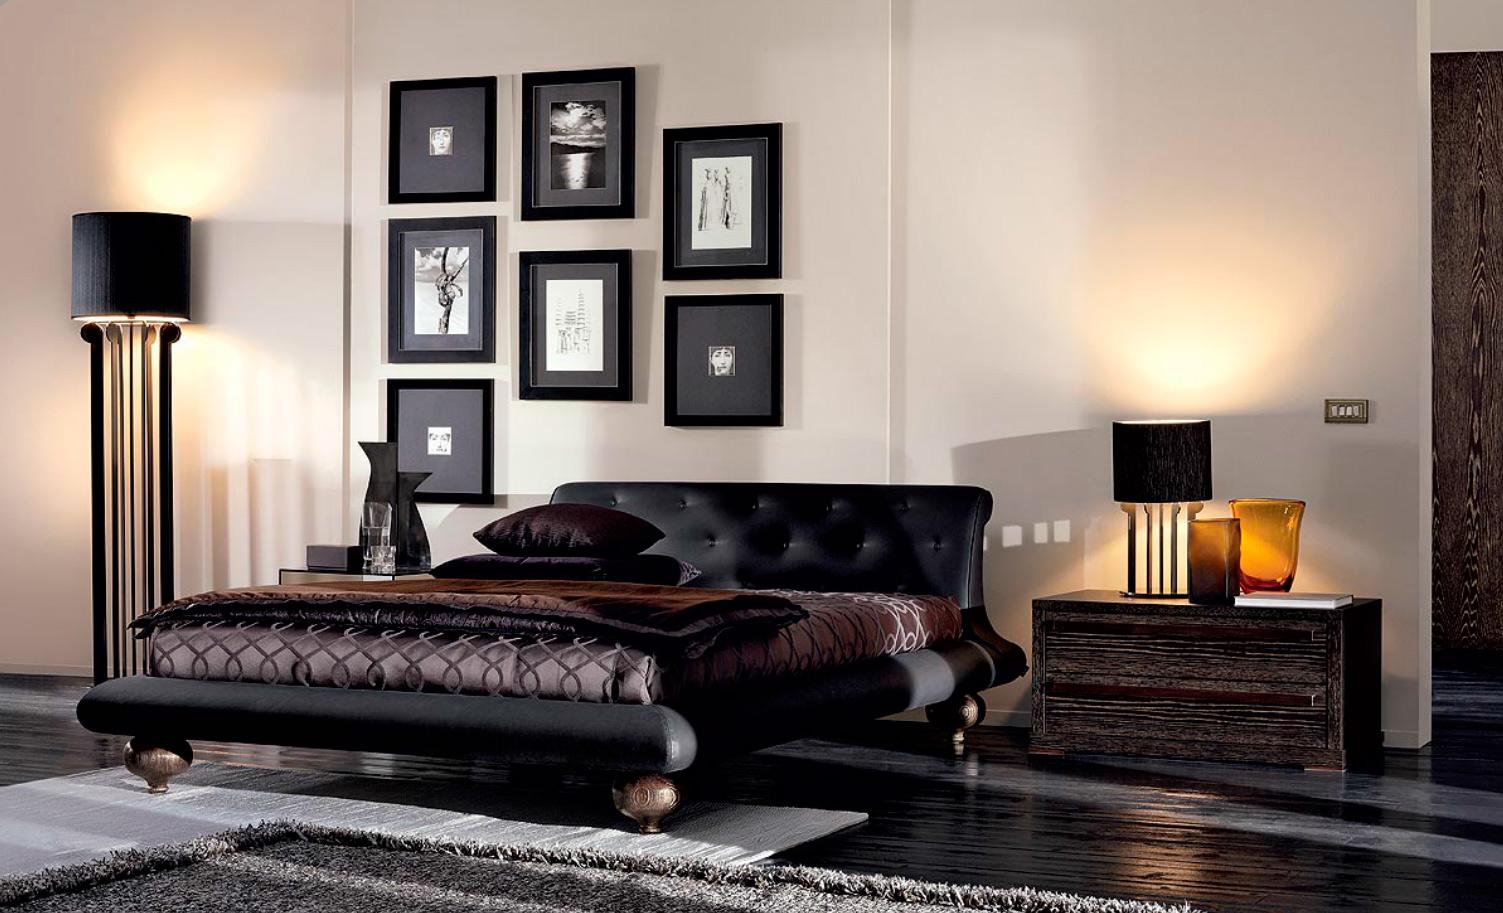 Coronese ad progettazione 3d per hotel e attivit for Progettazione mobili 3d